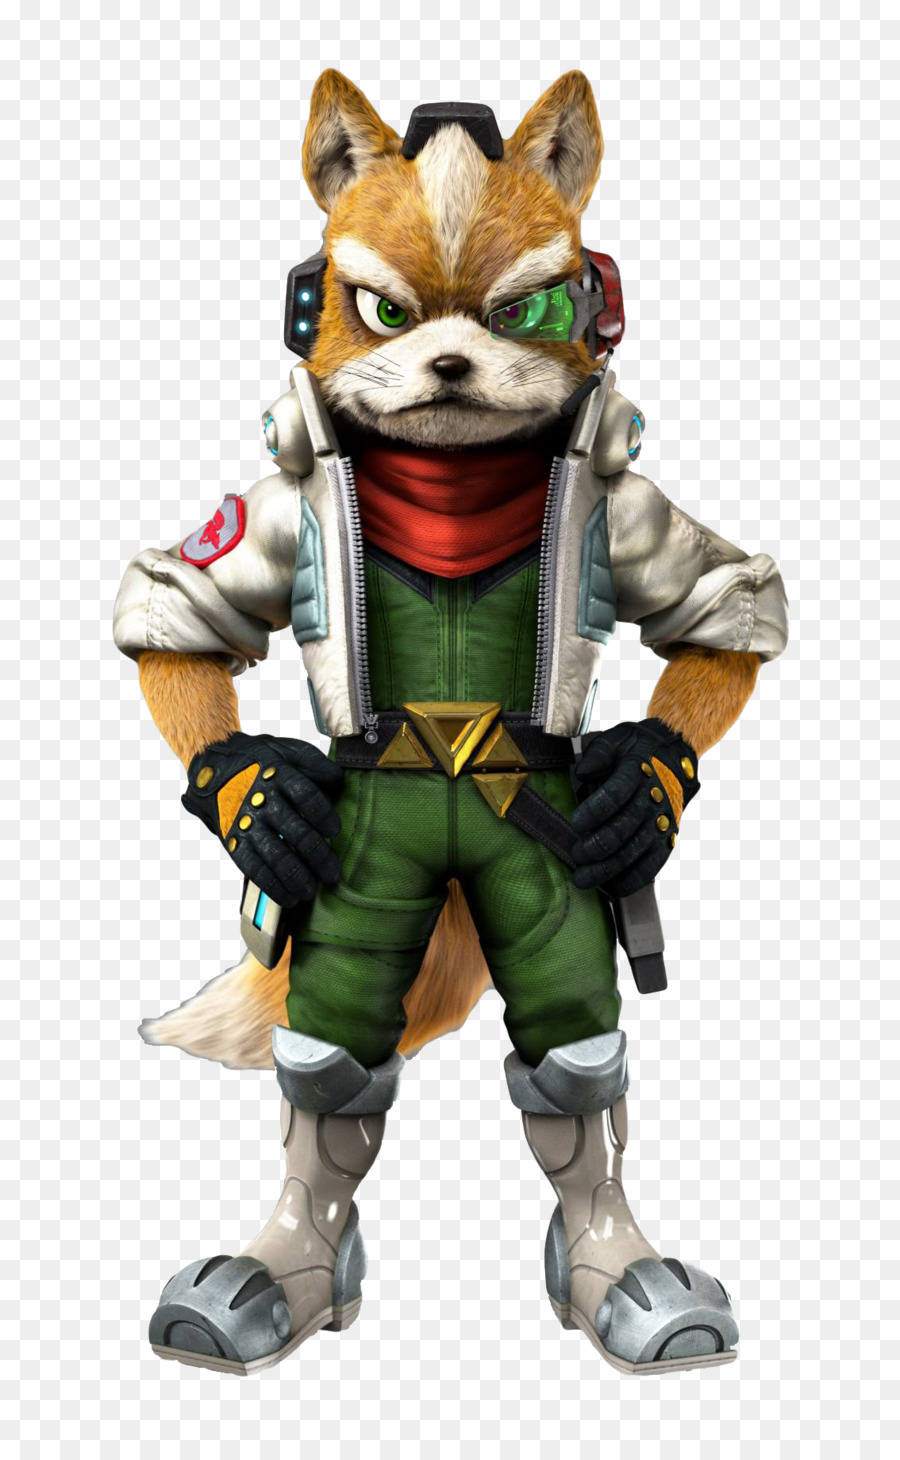 Star Fox Zero Star Fox 2 Lylat Wars Star Fox Command - Star Fox